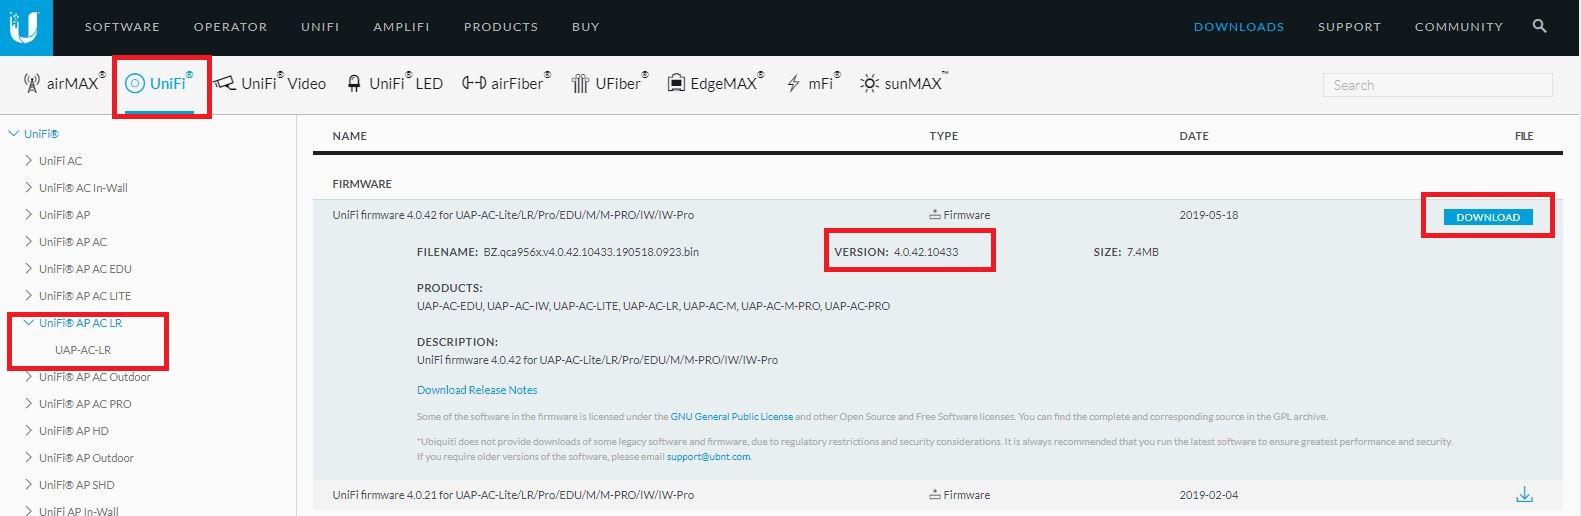 UniFi : อัพเกรดเฟิร์มแวร์ UAP ด้วย WinSCP และ PUTTY ตรงๆ ใน